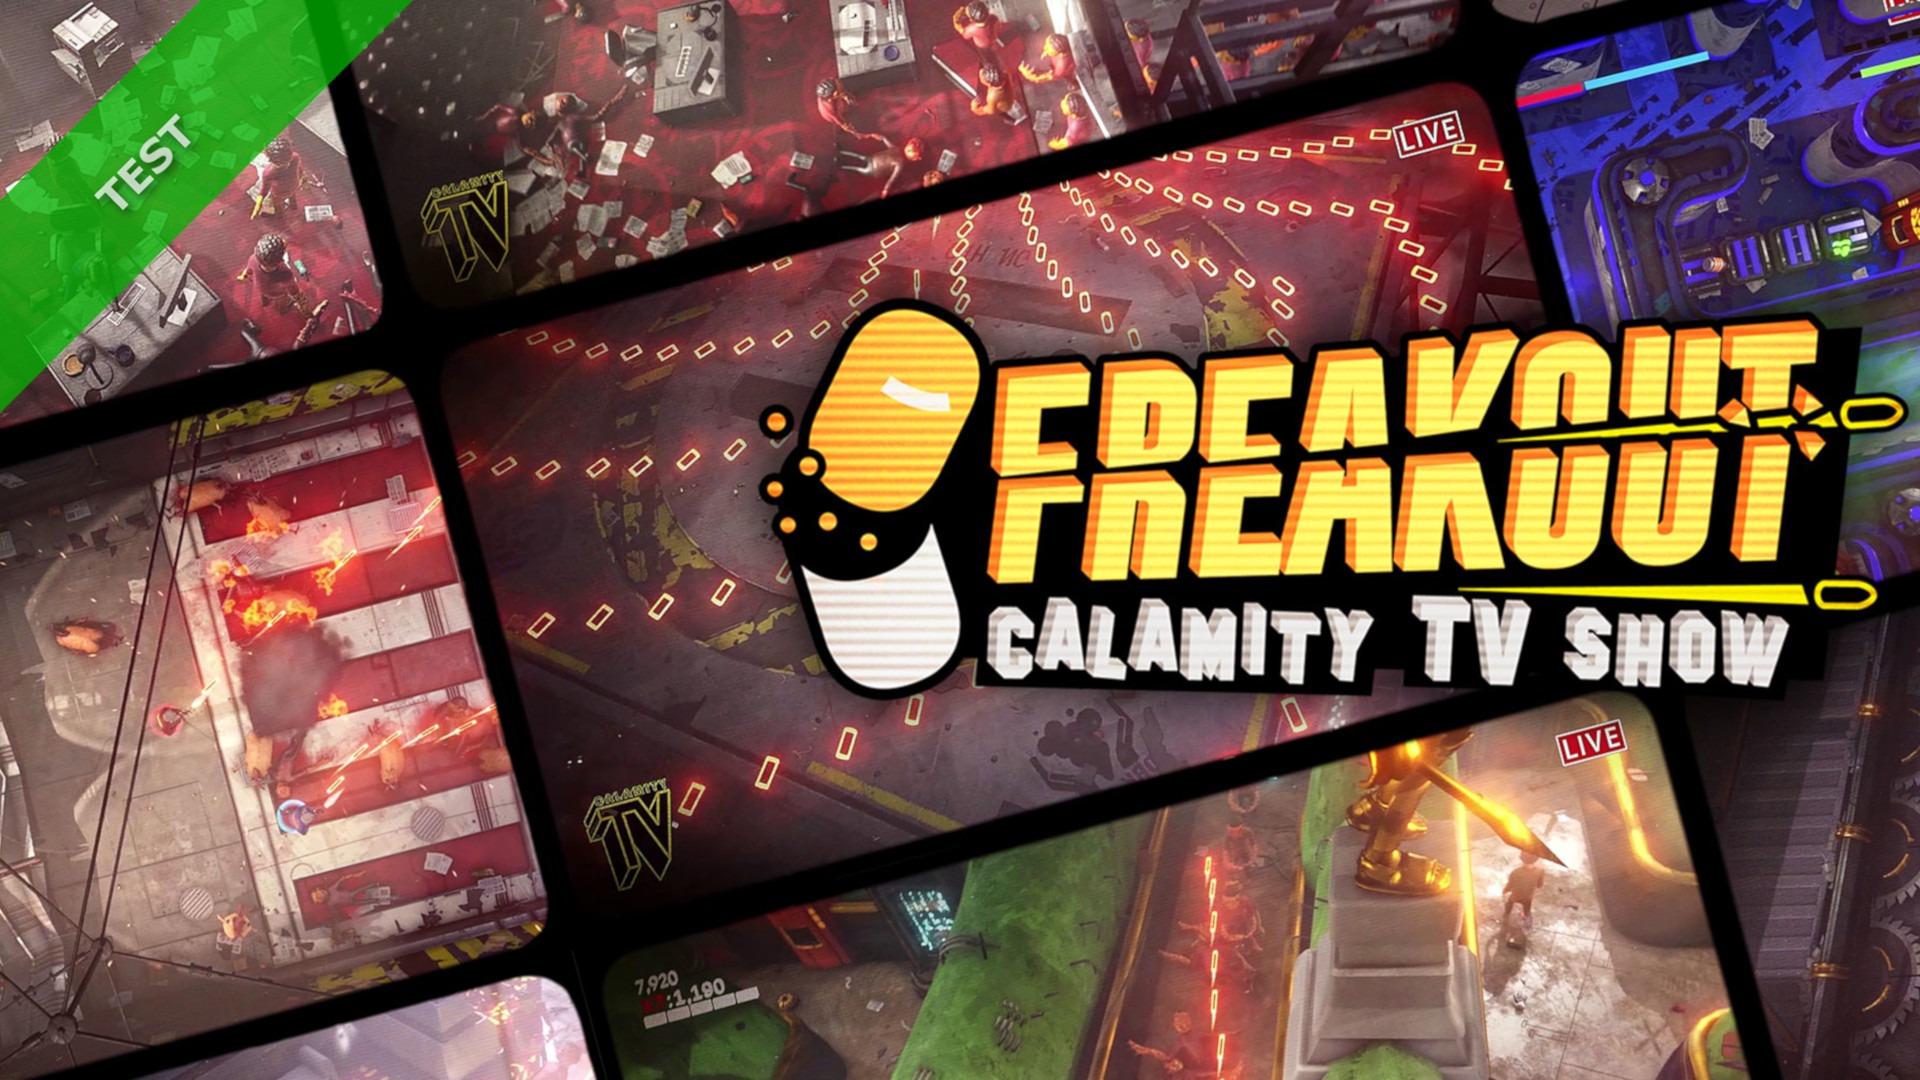 TEST Freakout Calamity TV Show XWFR